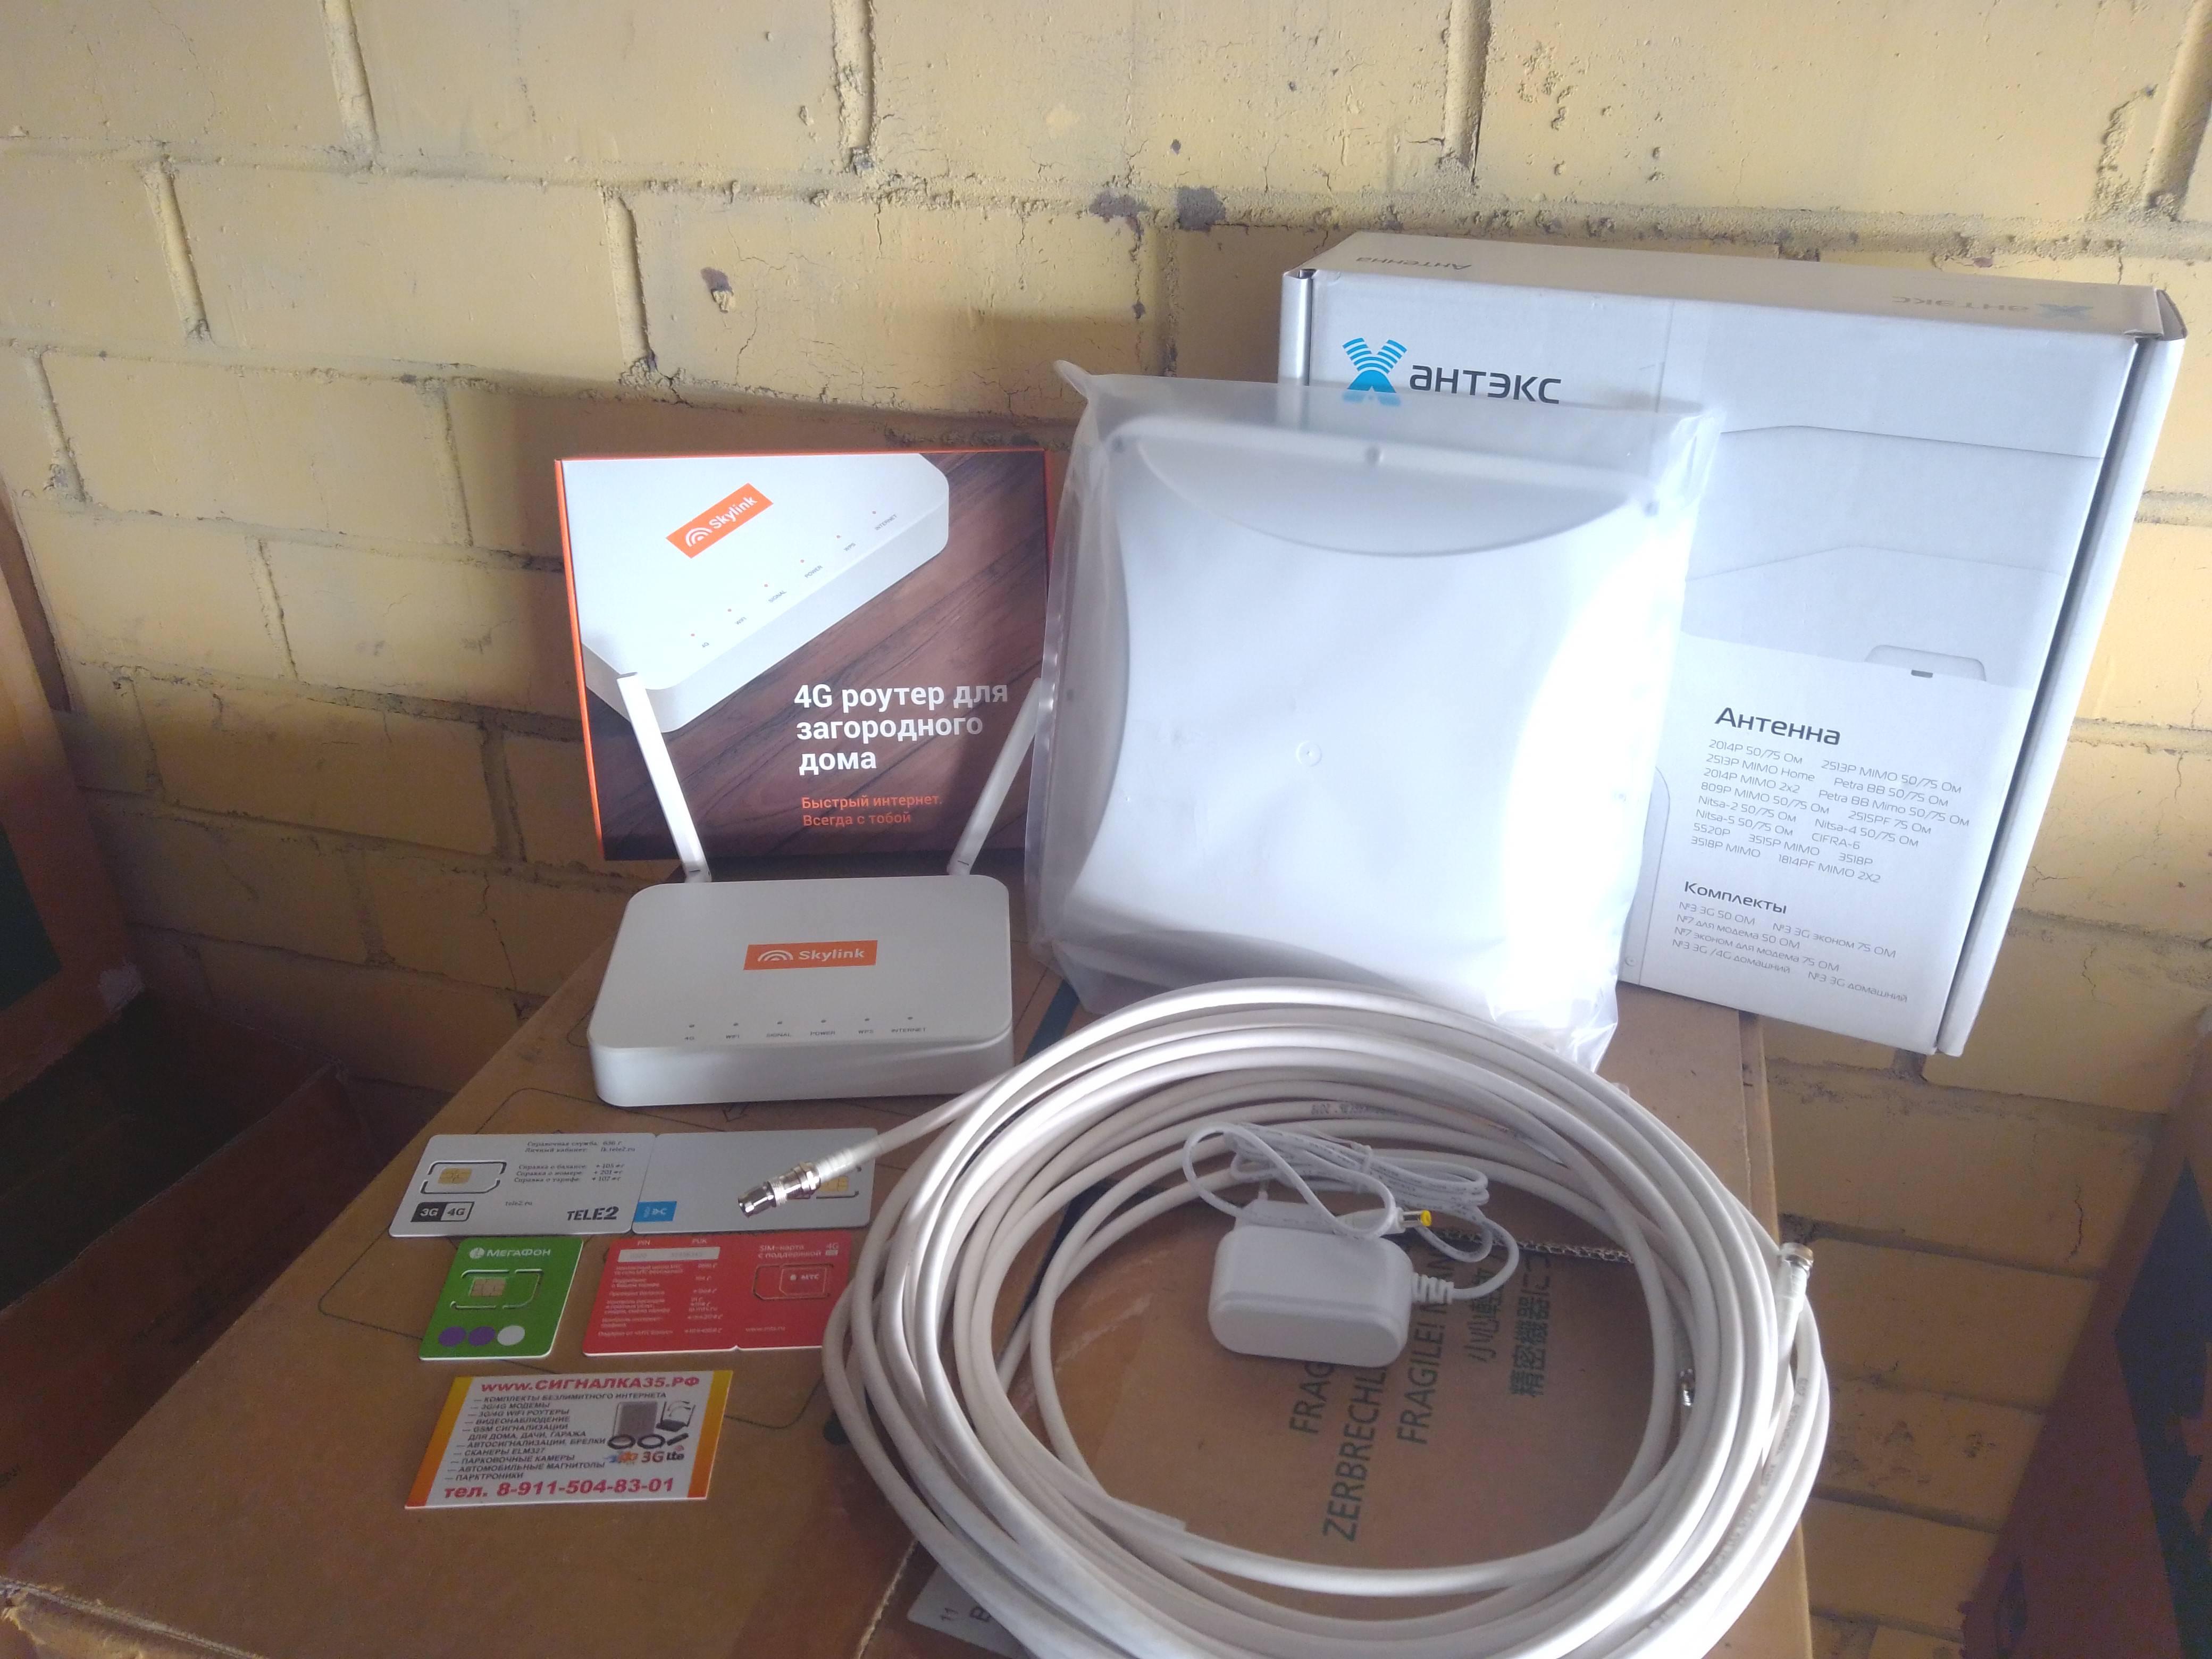 Оборудование и подключение к интернету 4g Wifi Lte | Бесплатные объявления